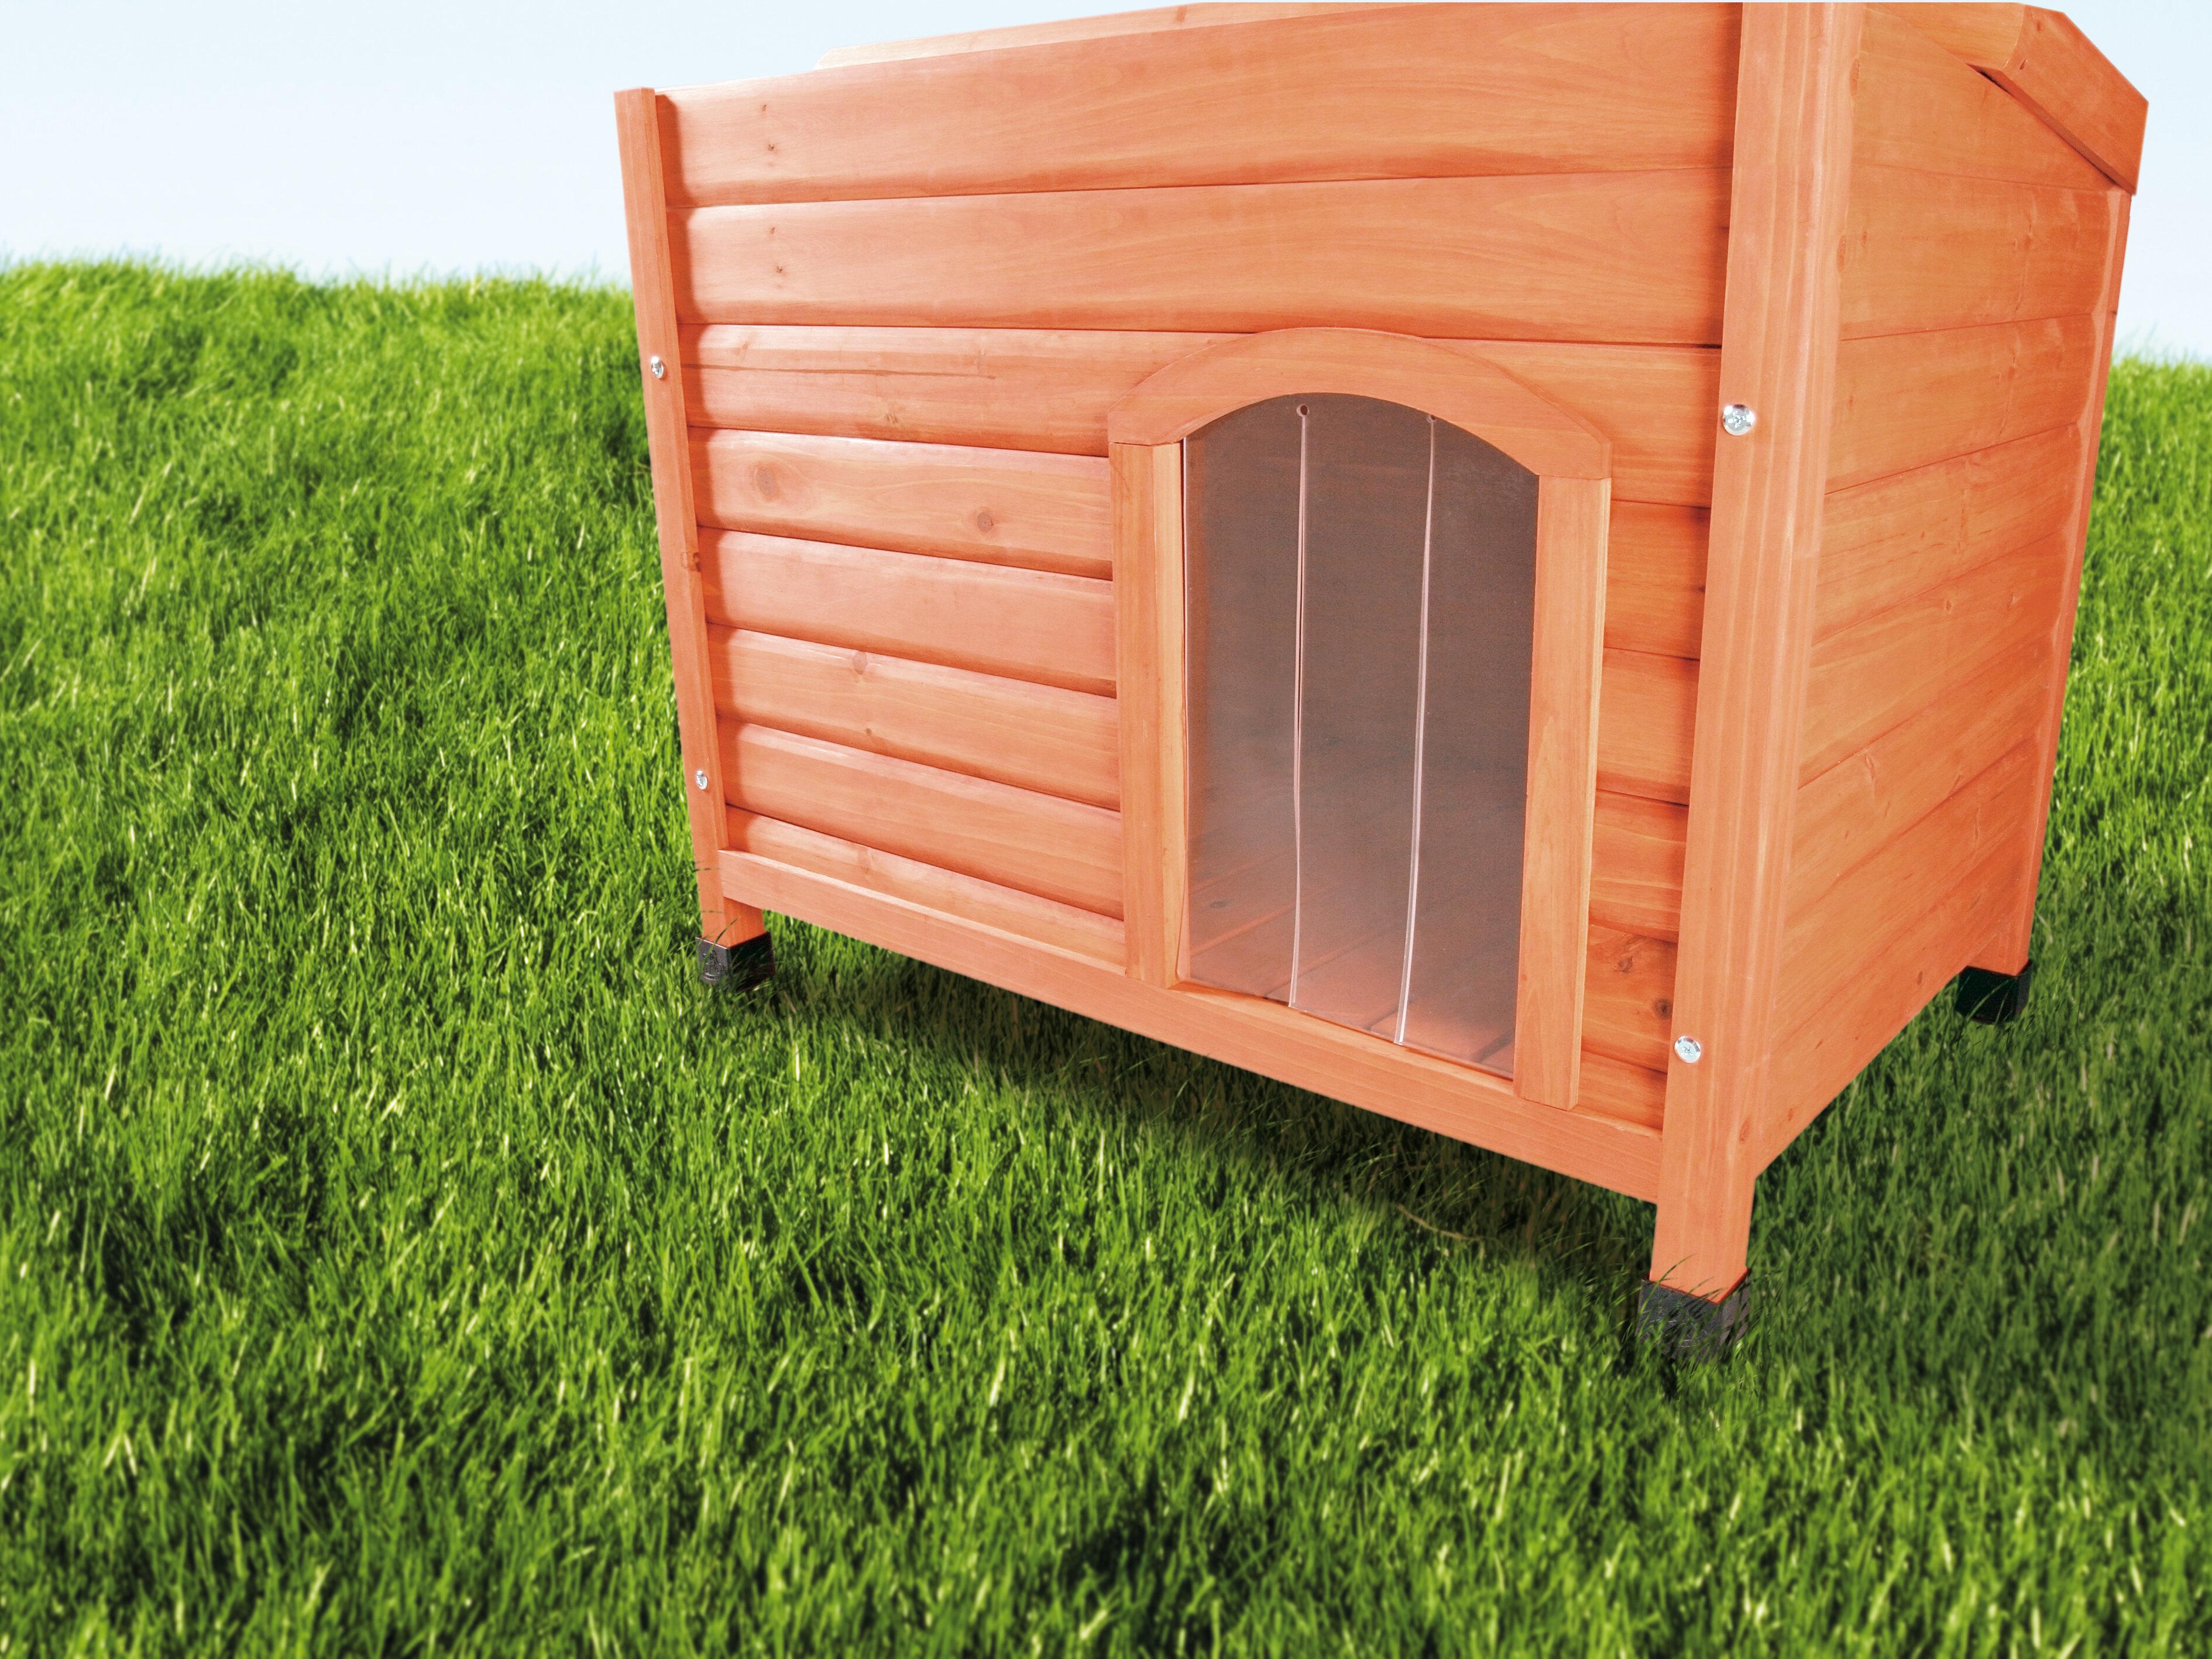 Tucker Murphy Pet Malinda Plastic Door for Peaked Roof Dog House u0026 Reviews   Wayfair & Tucker Murphy Pet Malinda Plastic Door for Peaked Roof Dog House ...